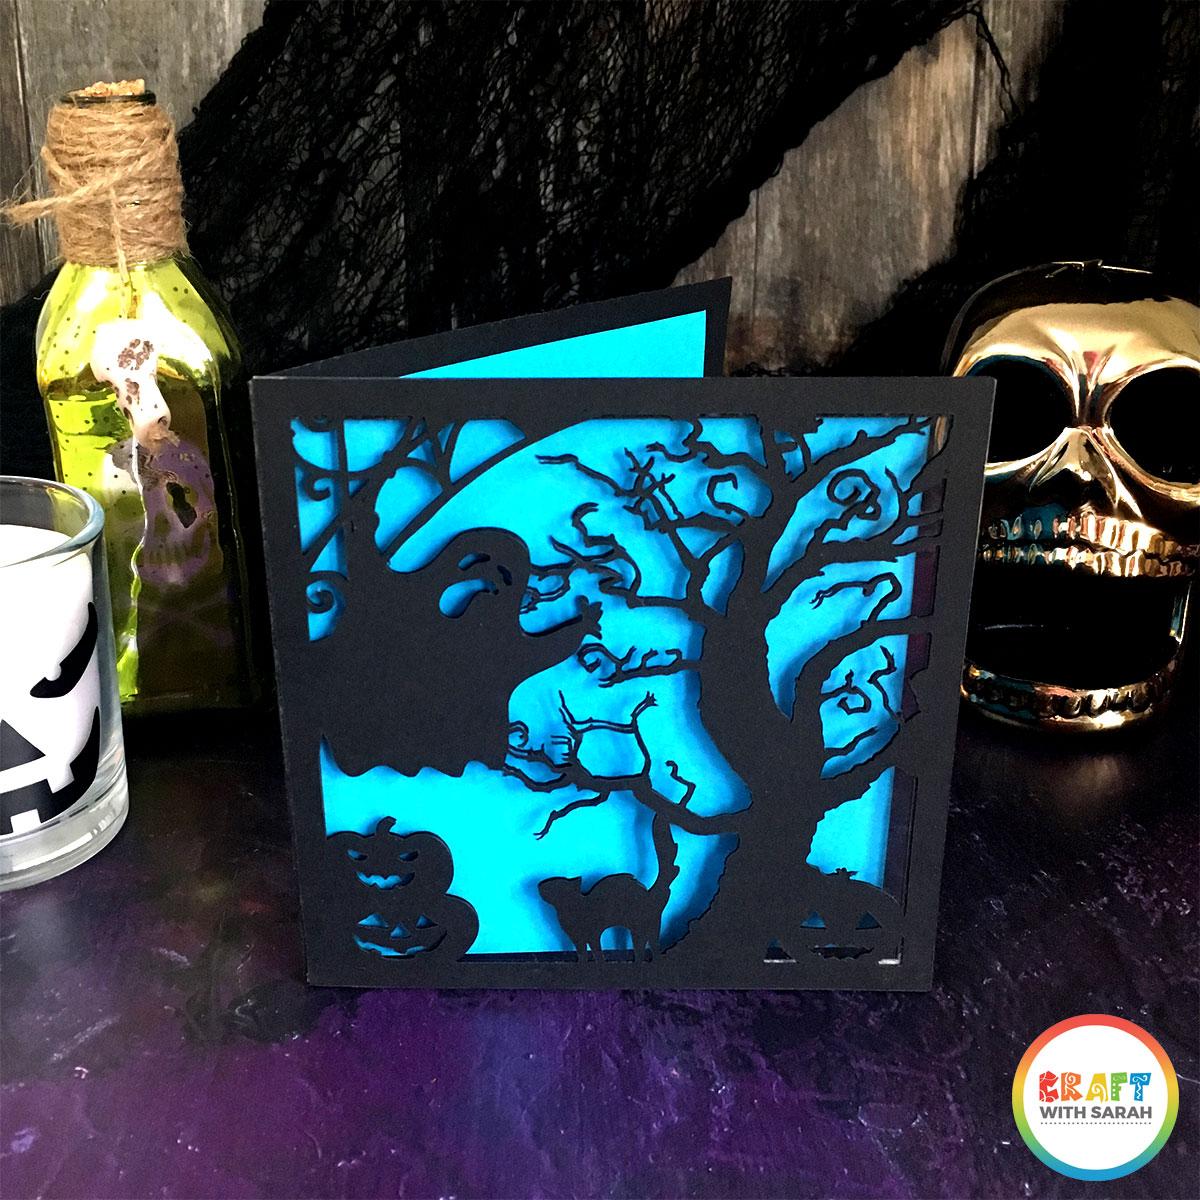 Handmade Halloween card made with a Cricut Maker machine